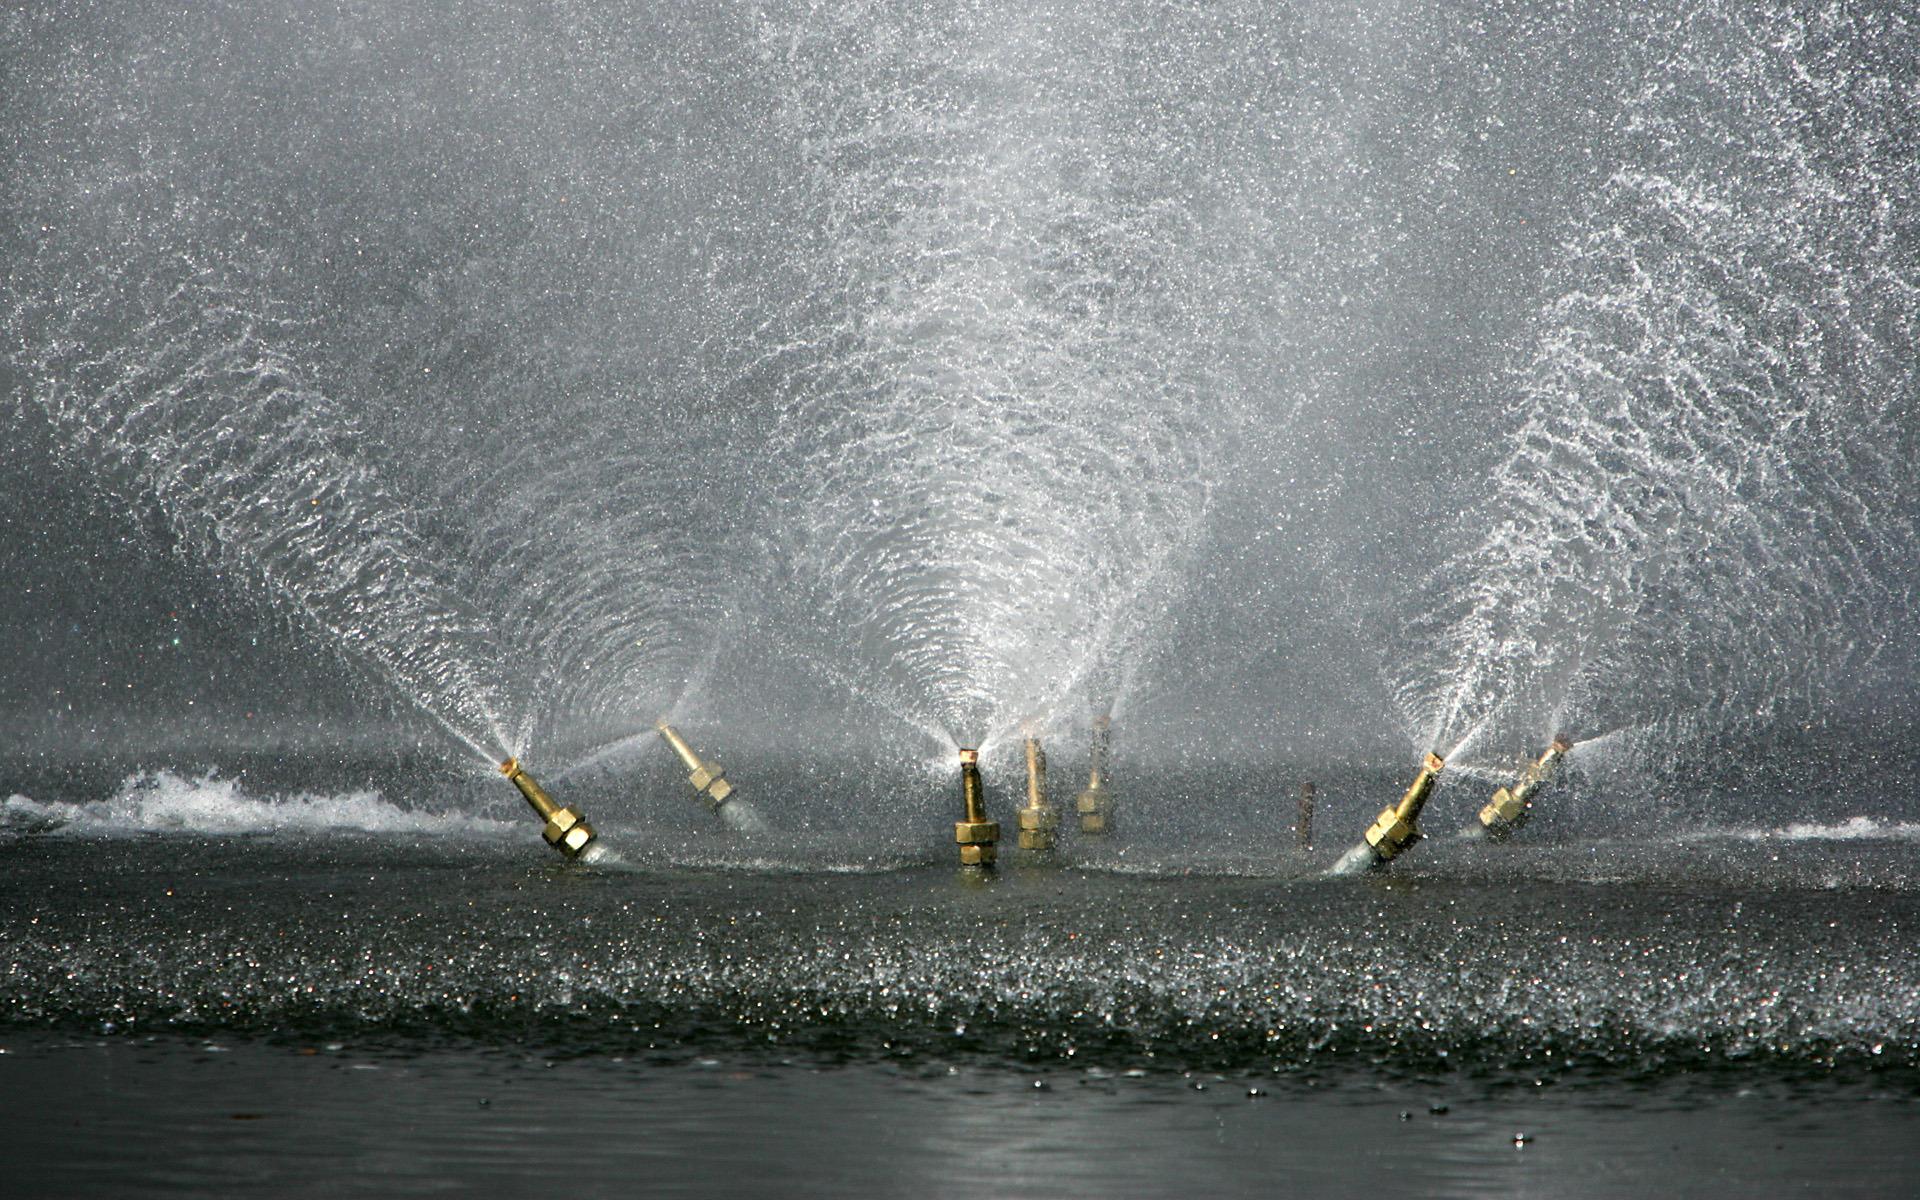 фонтан, вода, брызги